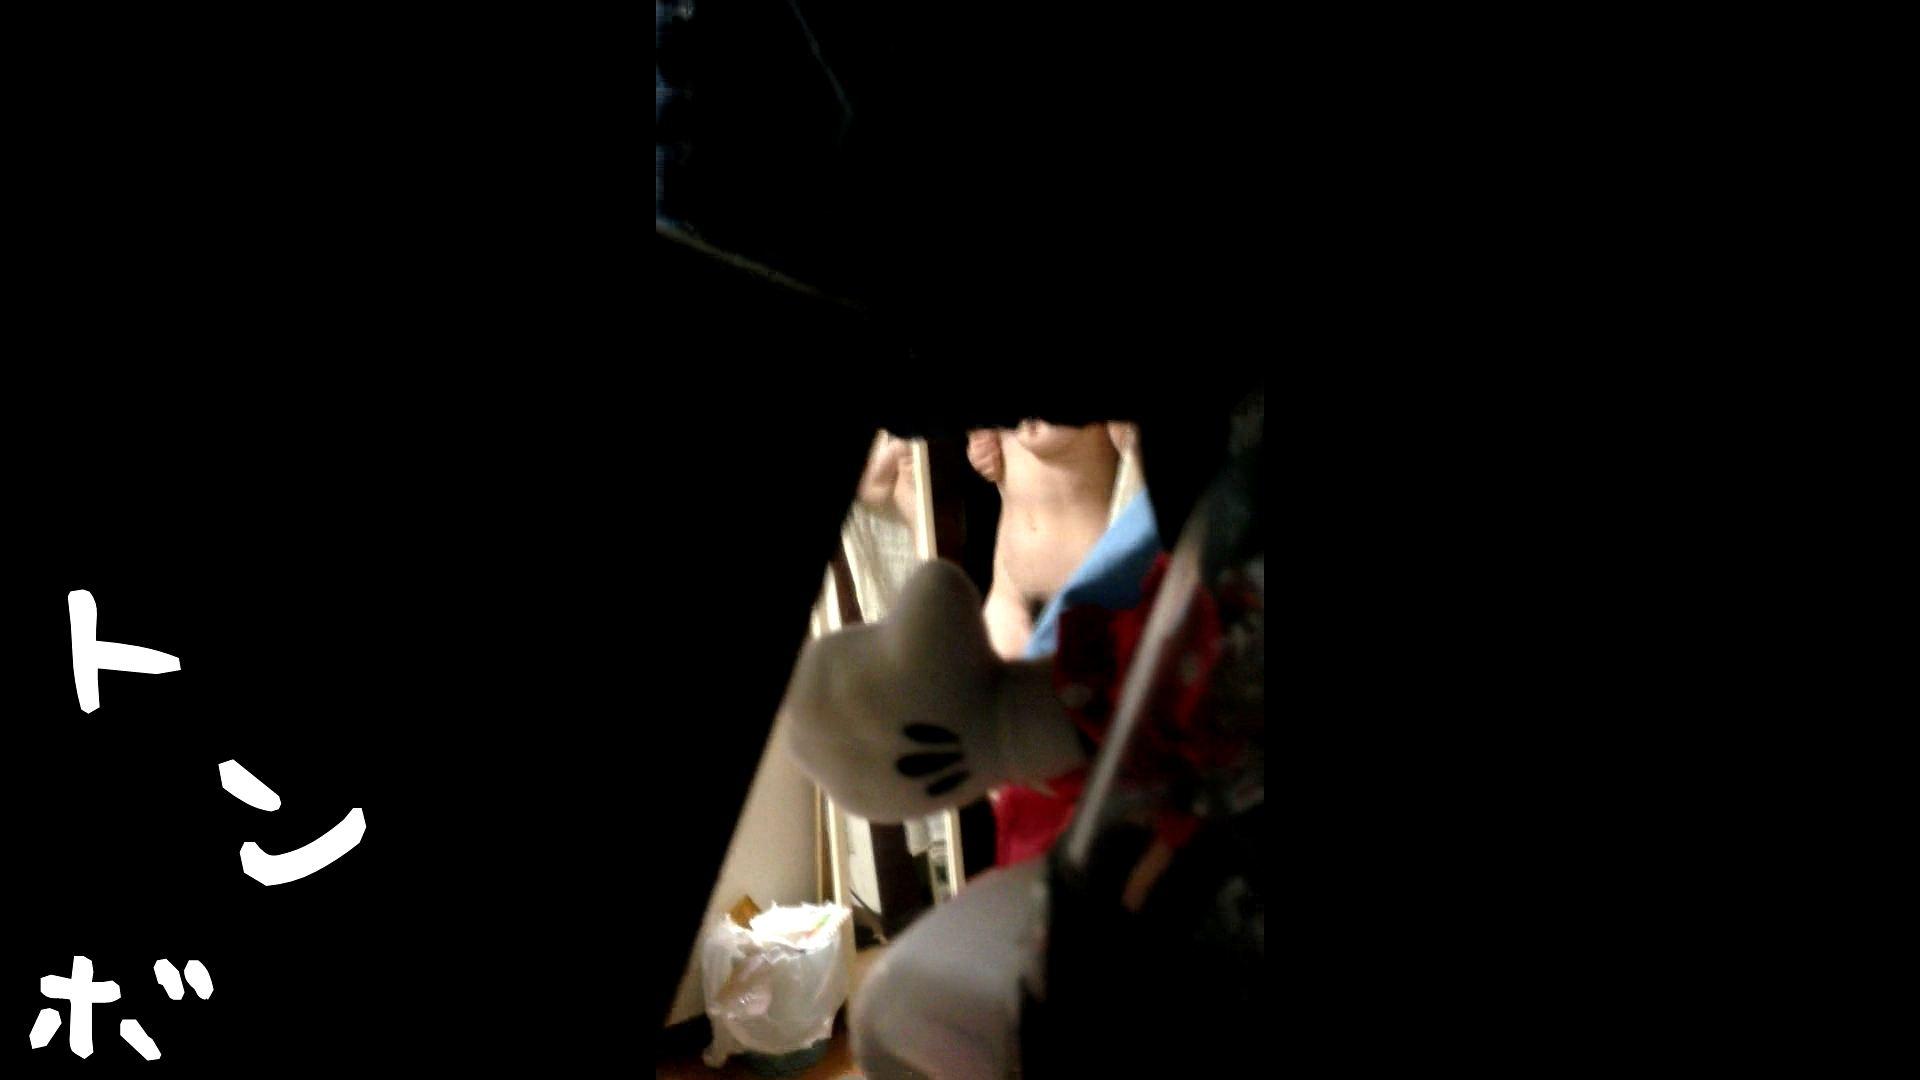 リアル盗撮 吉祥寺の美容師やばいオナニー!高速糸引 美女 エロ画像 53連発 9